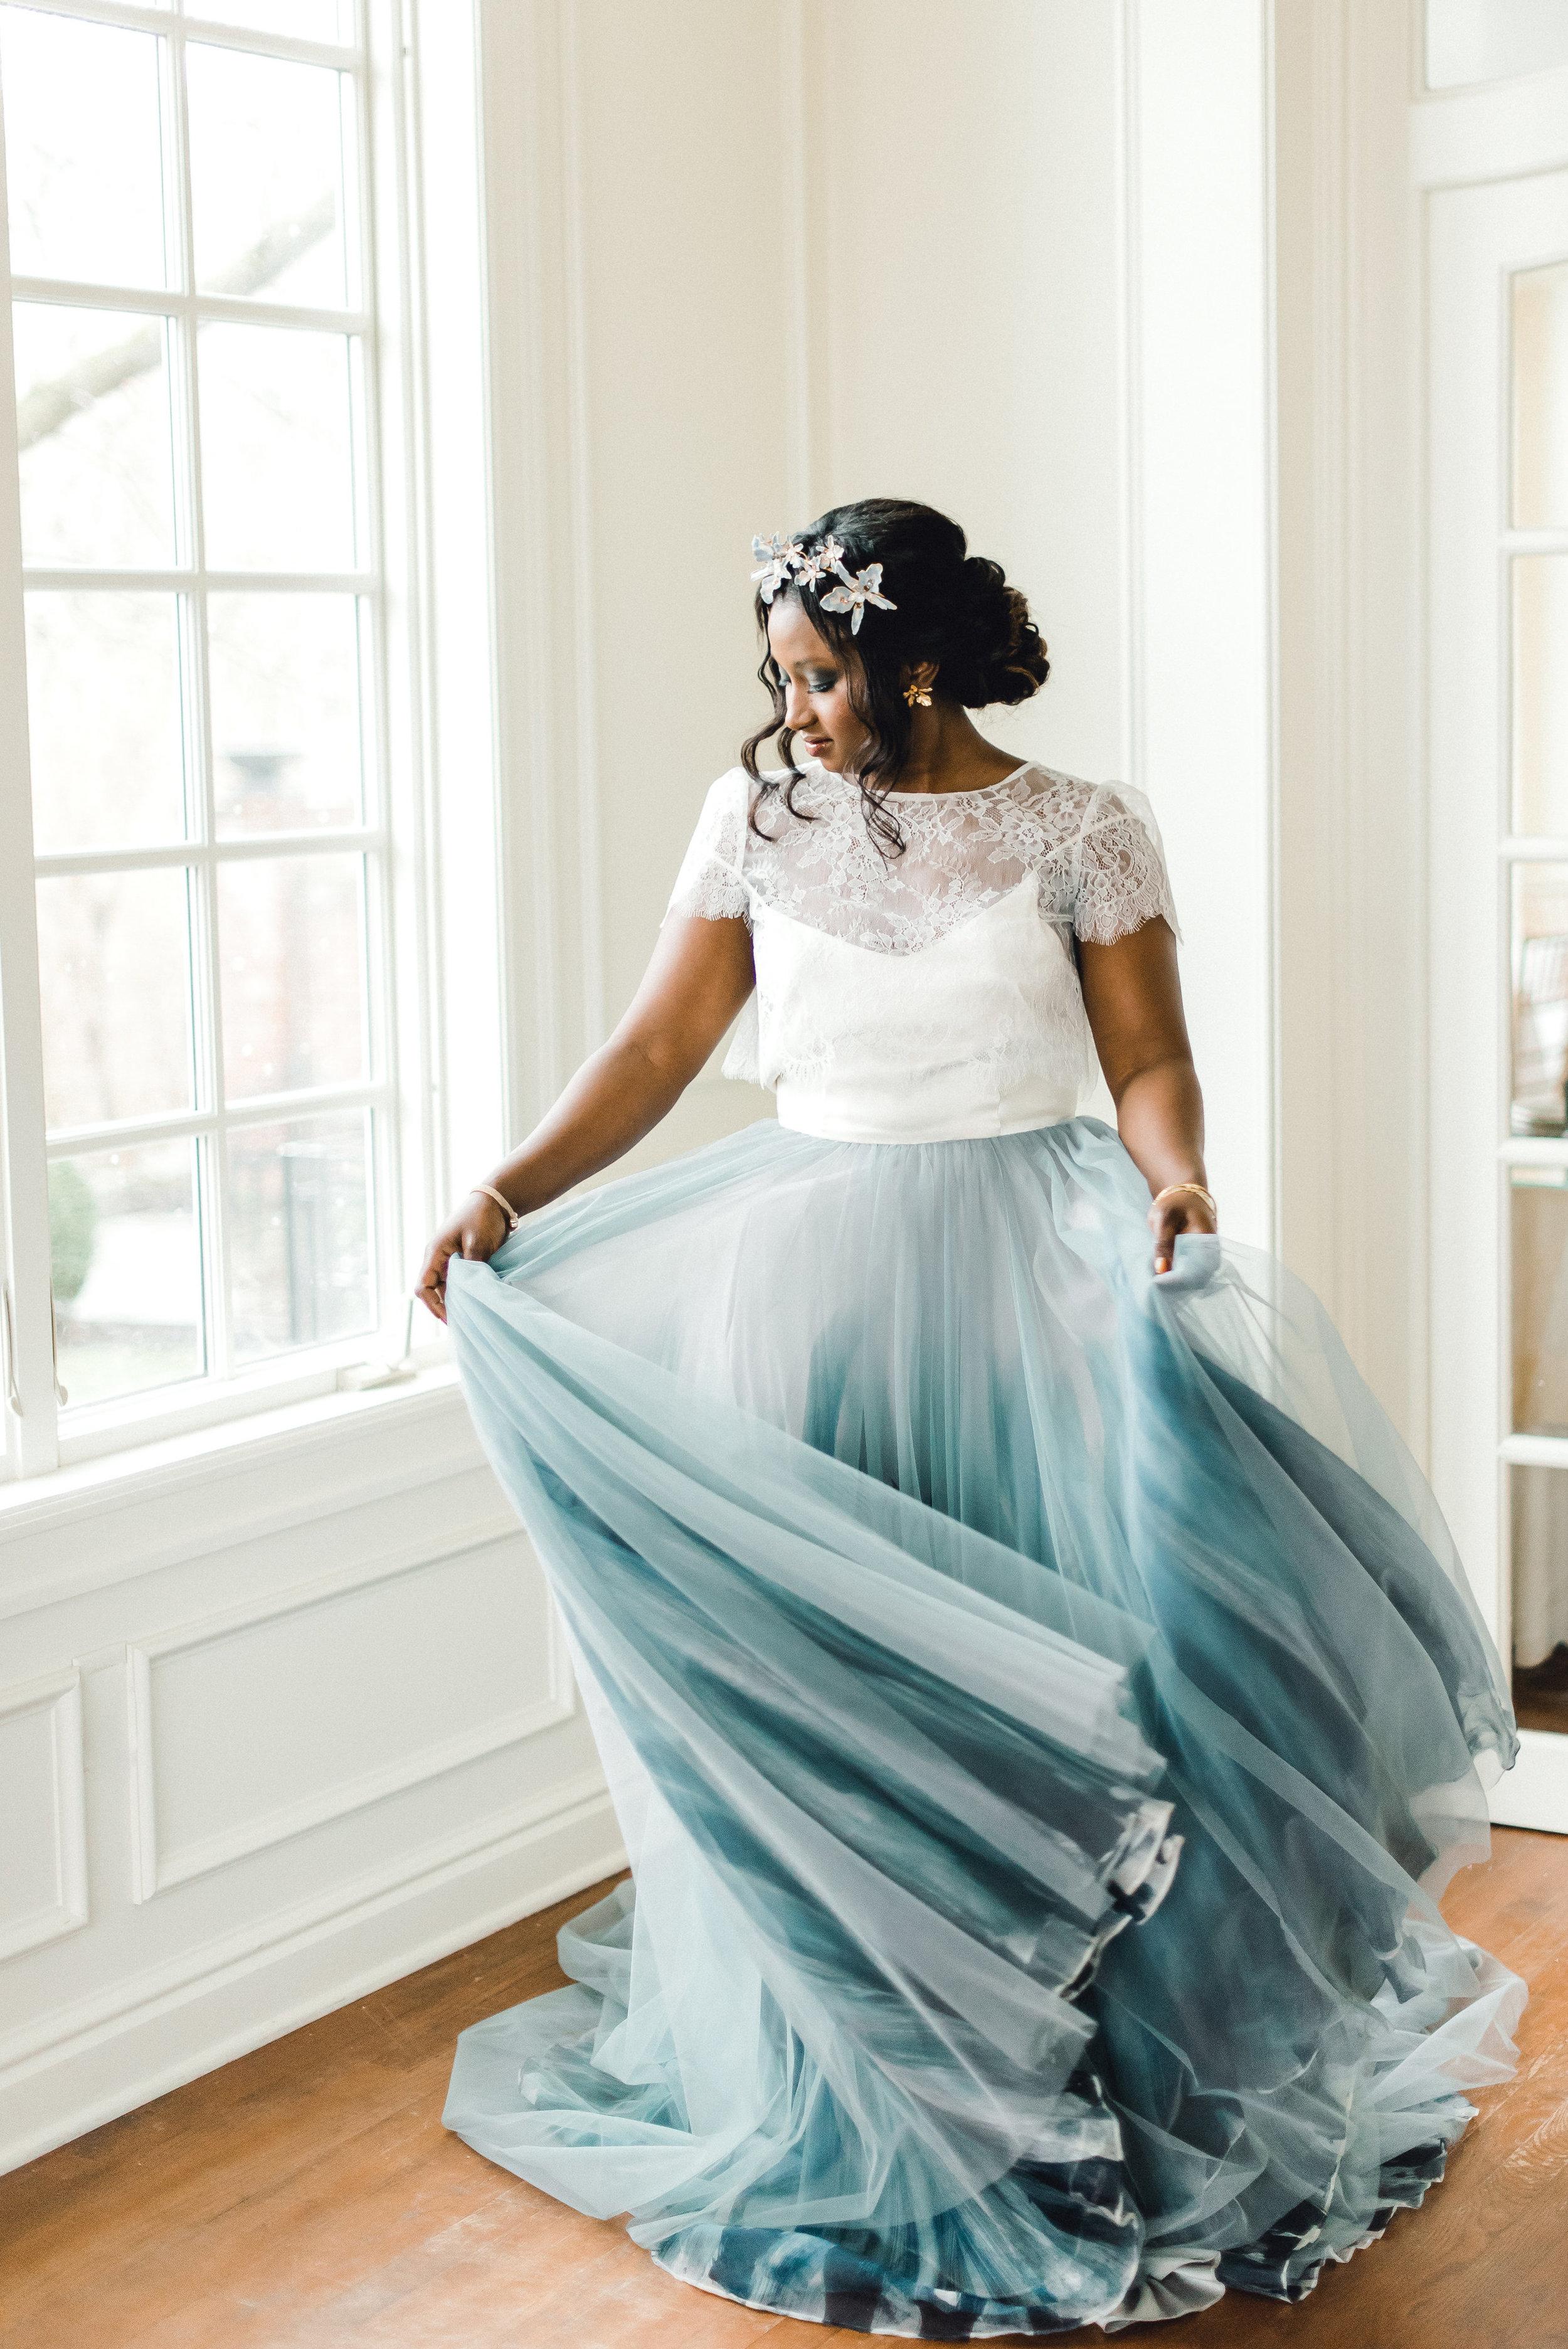 Black-Bride-Dusty-Blue-Wedding-Gownn.jpg